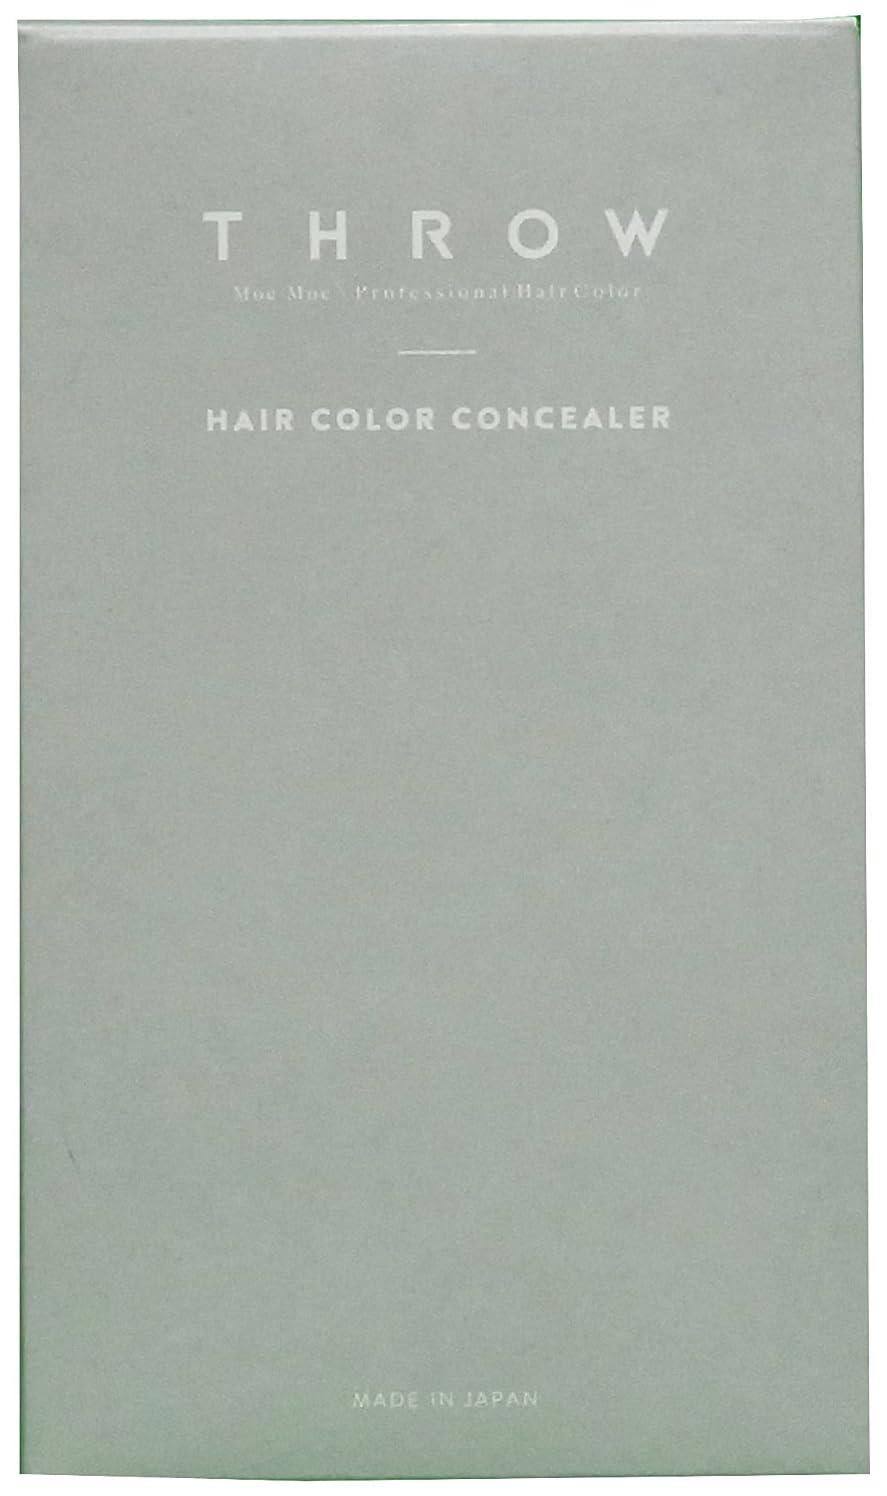 不振失態オーバーフロースロウ ヘアカラーコンシーラー(ライトブラウンレギュラー)<毛髪着色料>専用パフ入り